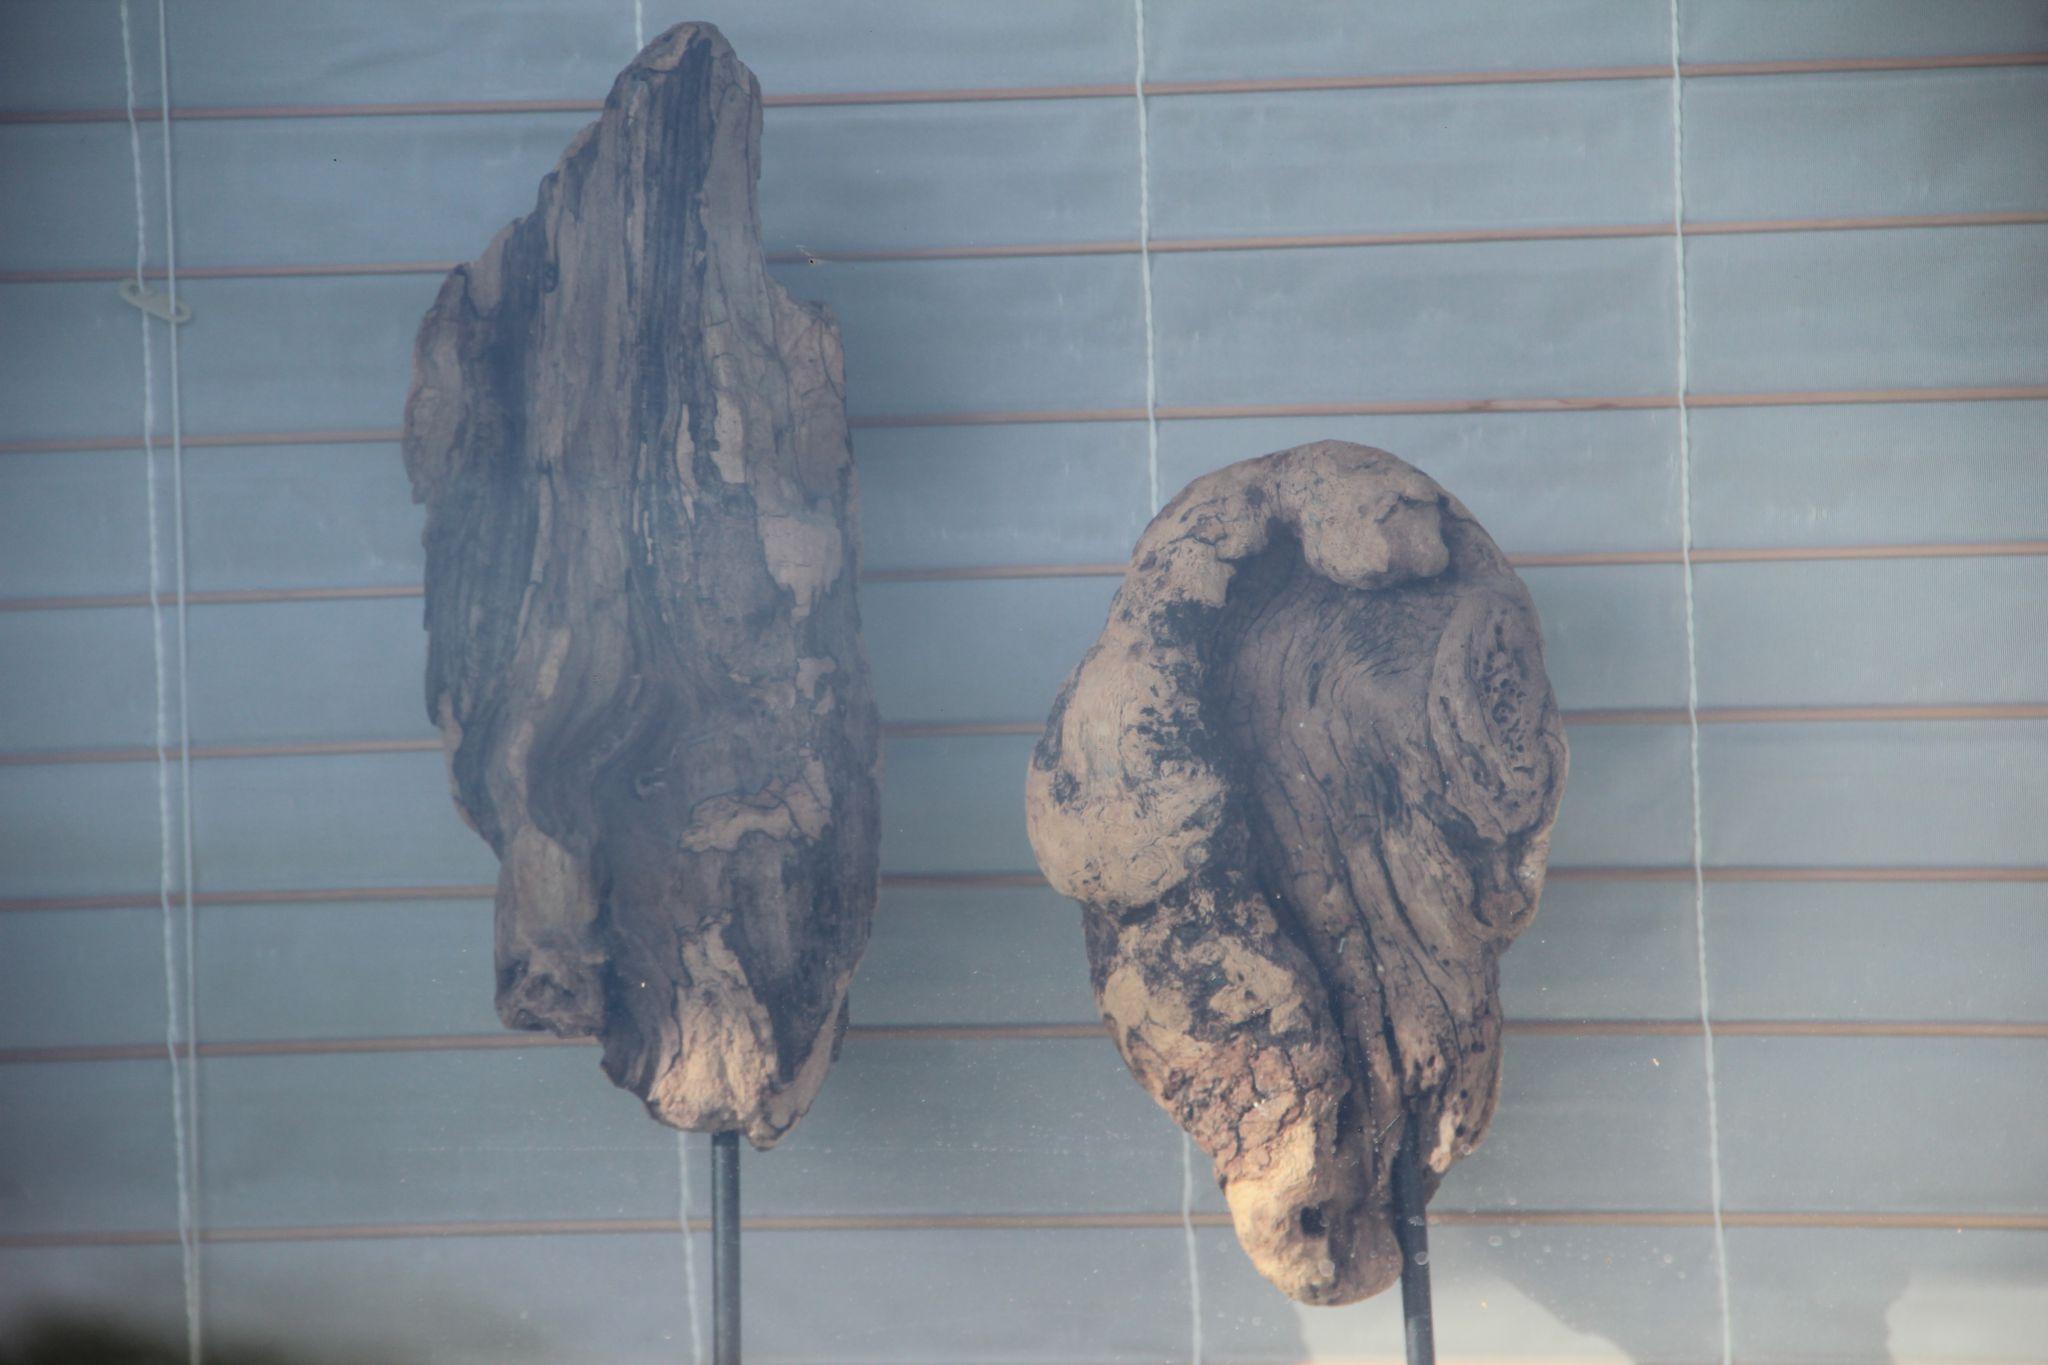 Sculpture En Bois A Vendre - Sculpture en bois pour intérieur (à vendre) Pointes de folie